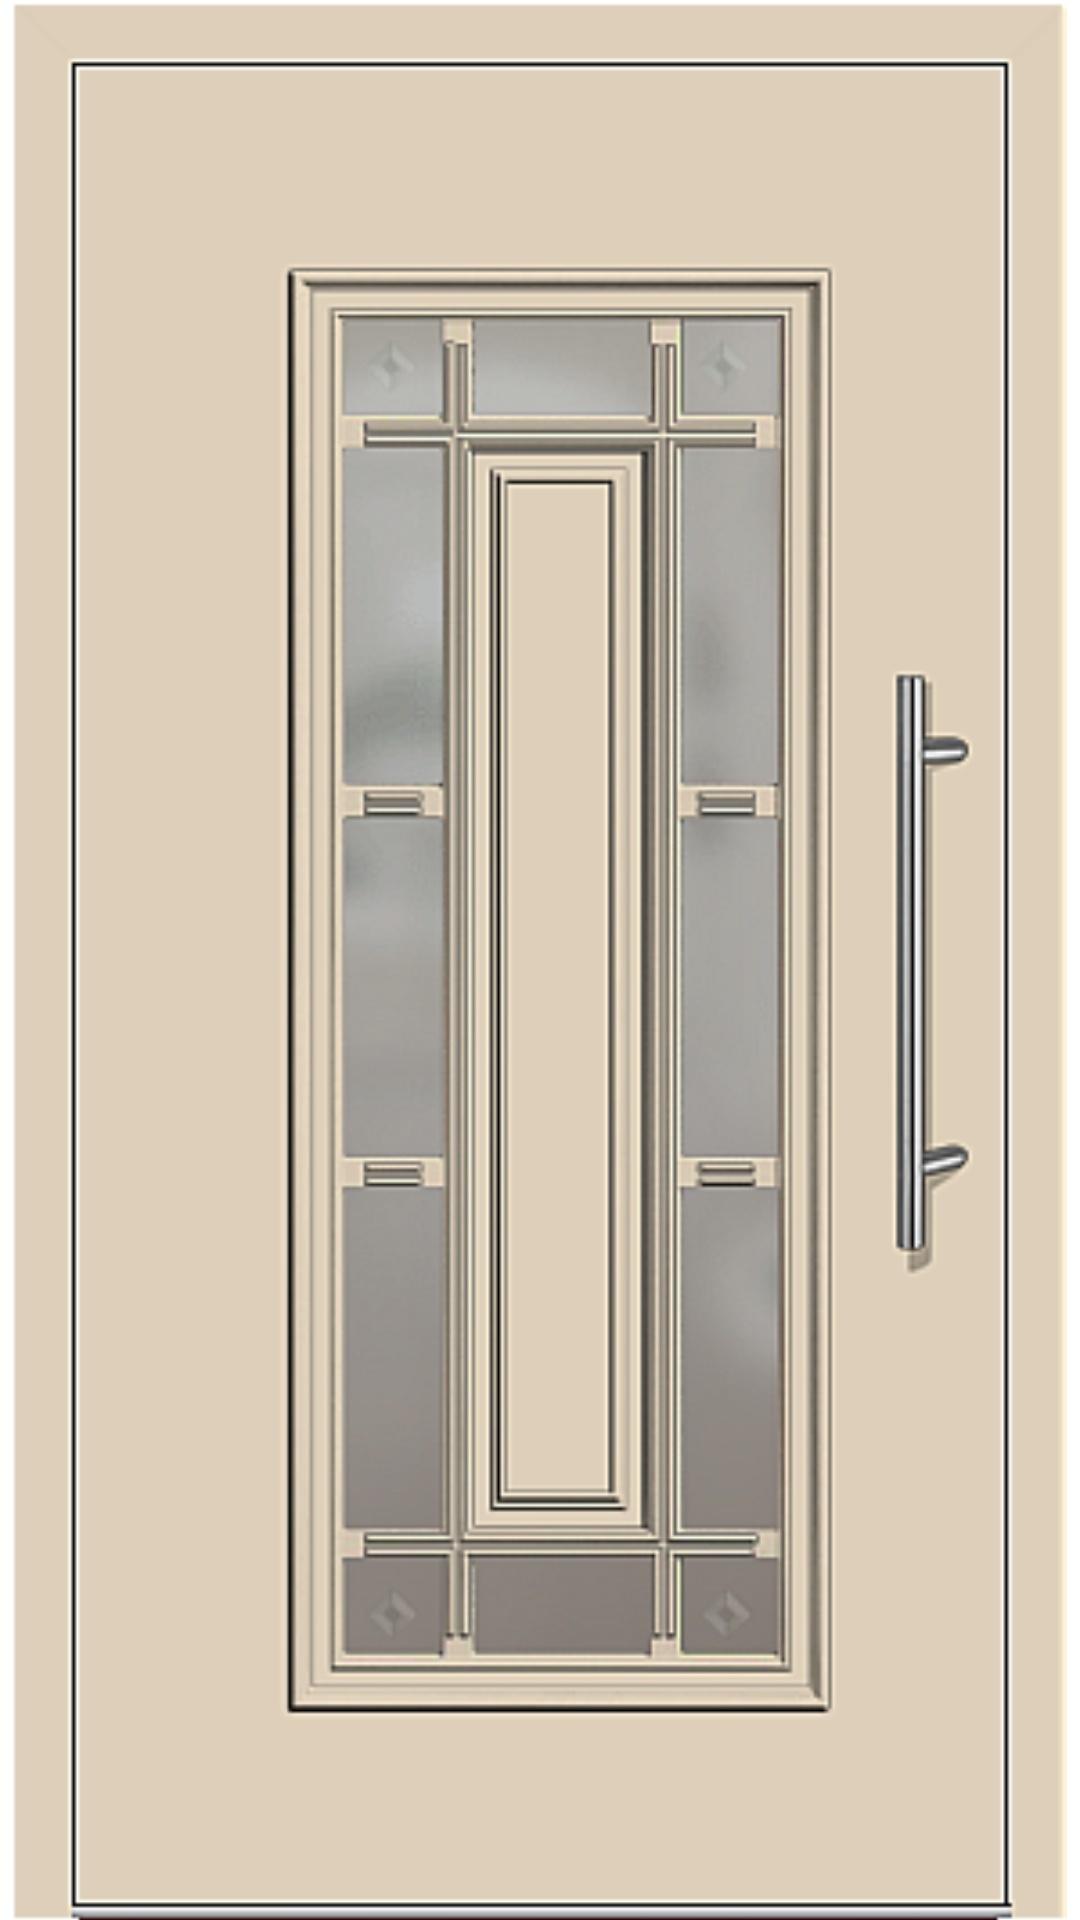 Kunststoff Haustür Modell 4150-11 beige